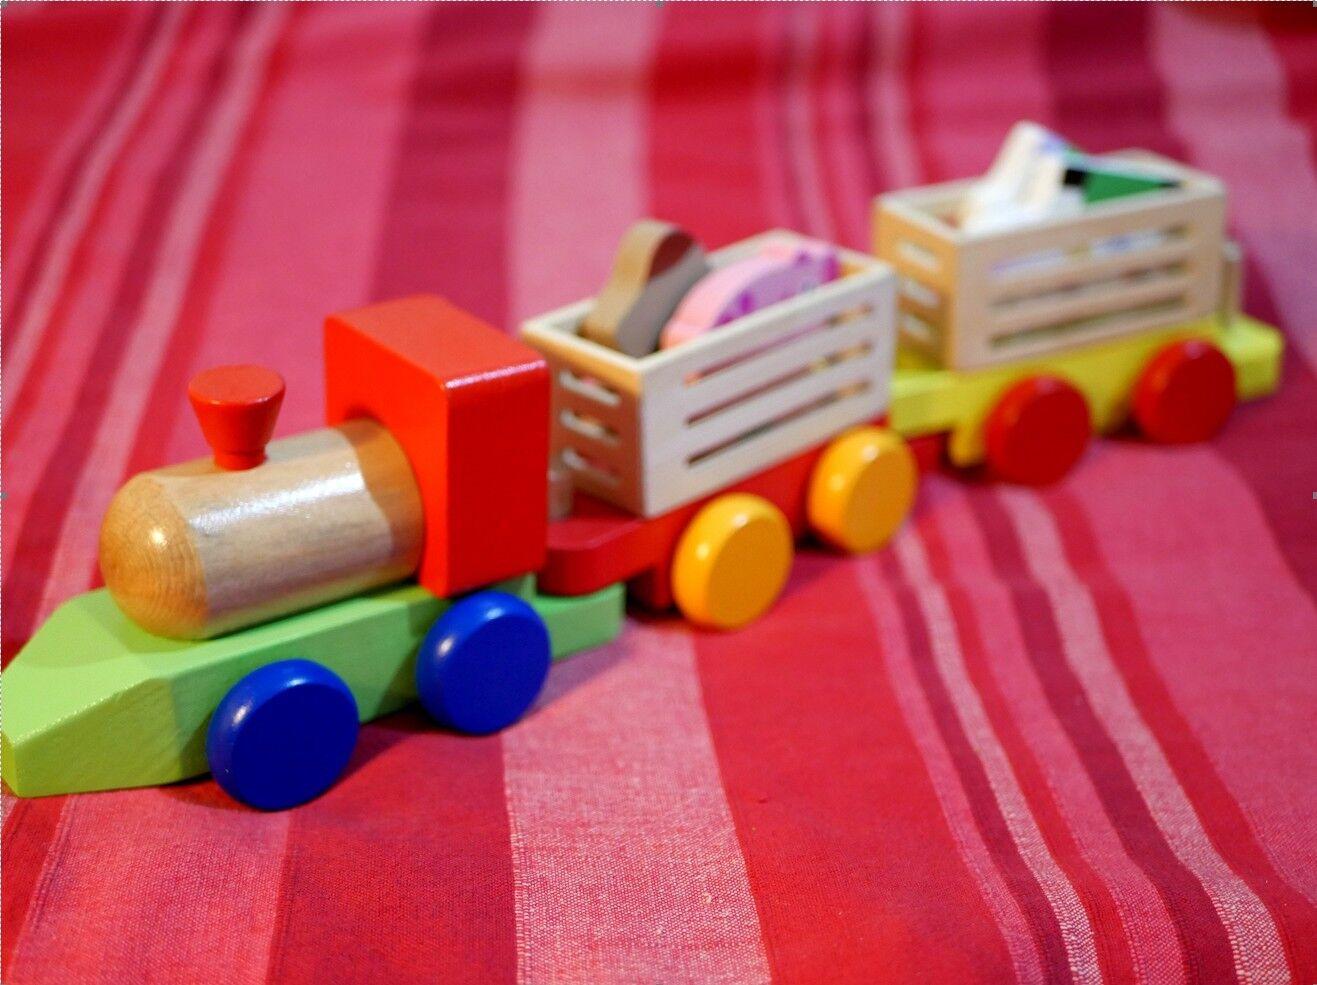 Juguete de madera - Tren - niños 3 3 3 a 6 años  envío gratuito a nivel mundial